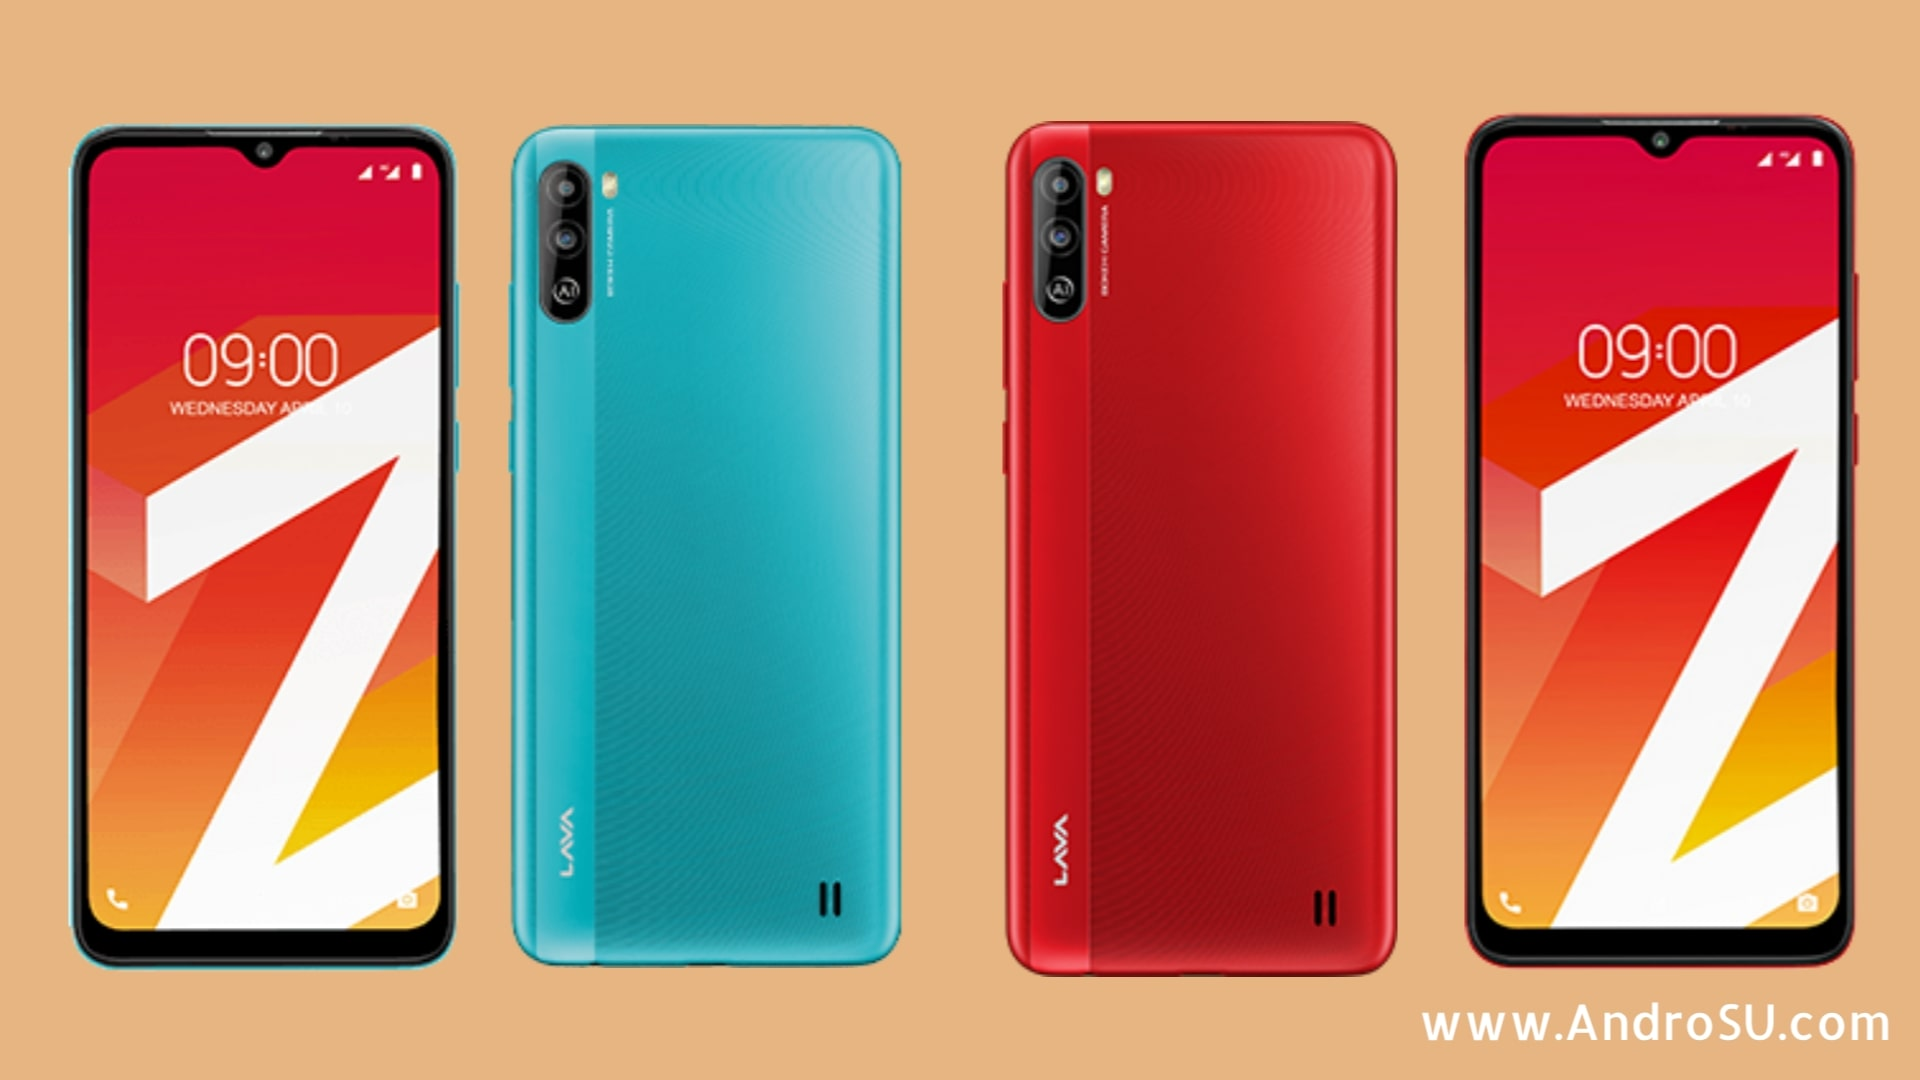 Lava Myz Phone, Lava myZ Phone release, Lava myZ phone specs